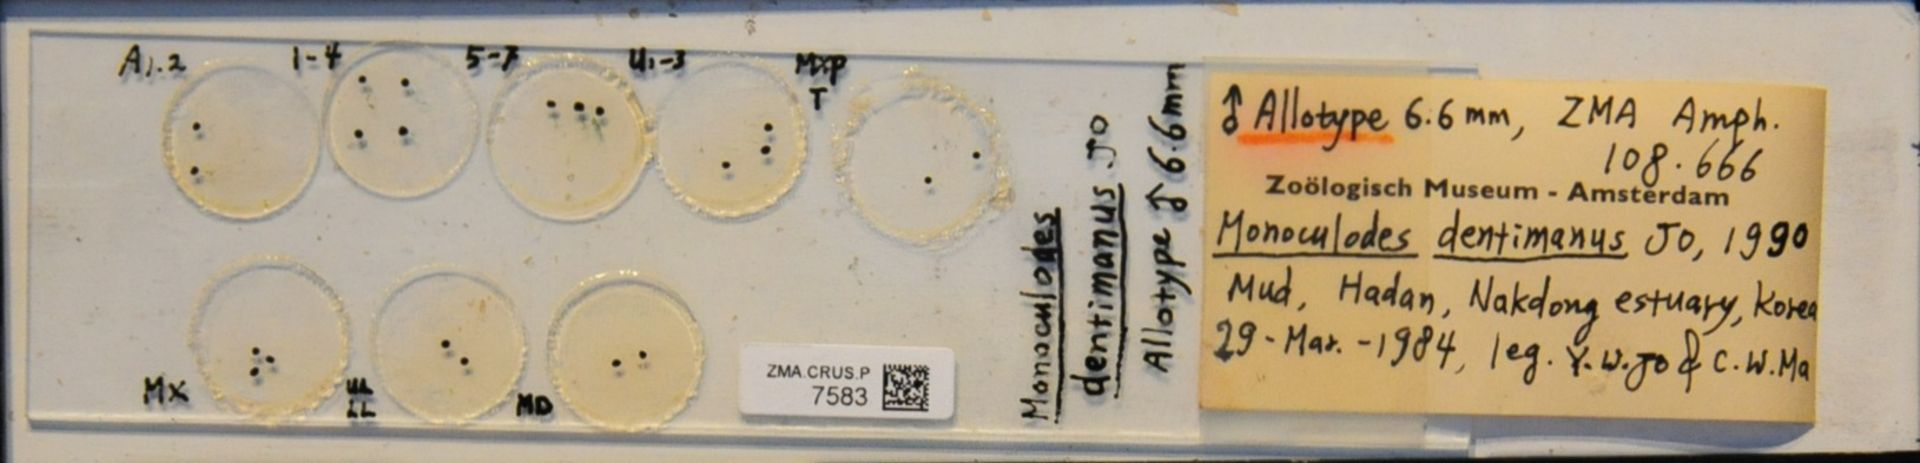 ZMA.CRUS.P.7583 | Monoculodes dentimanus Jo, 1990